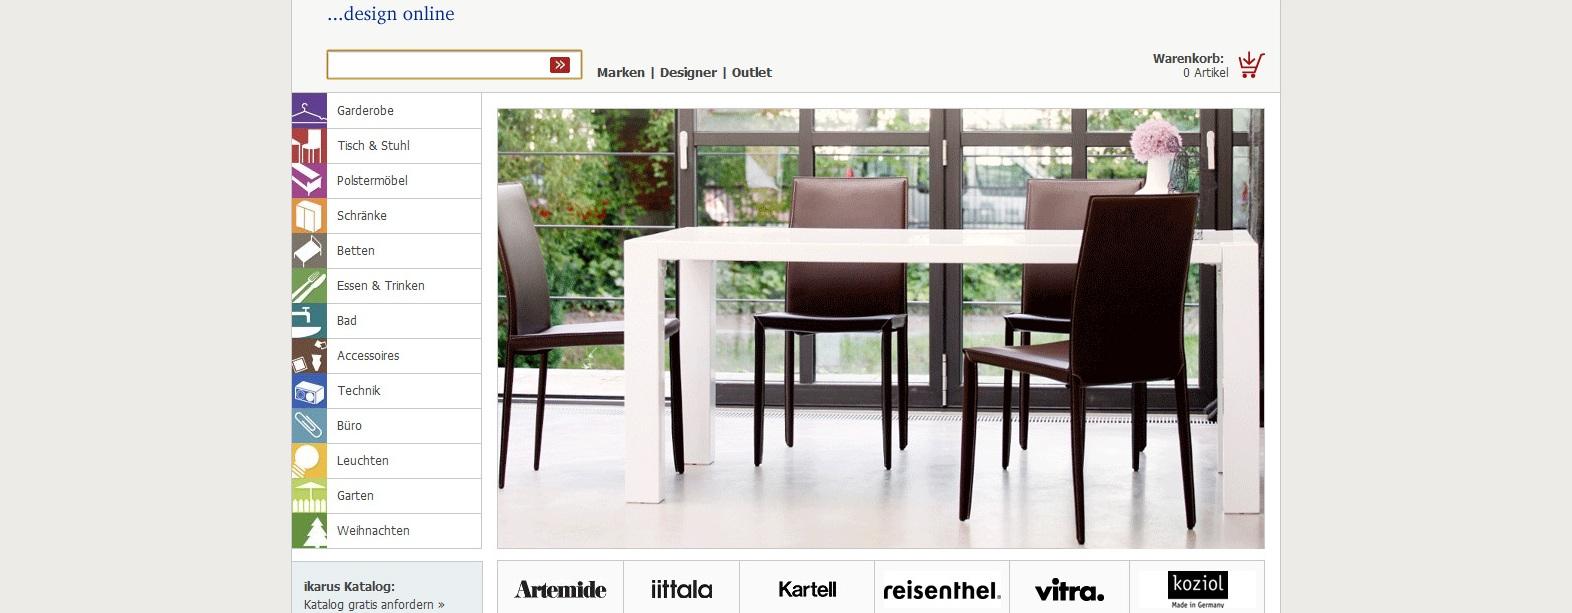 ikarus garderobe details cutter klappsitz von skagerak. Black Bedroom Furniture Sets. Home Design Ideas